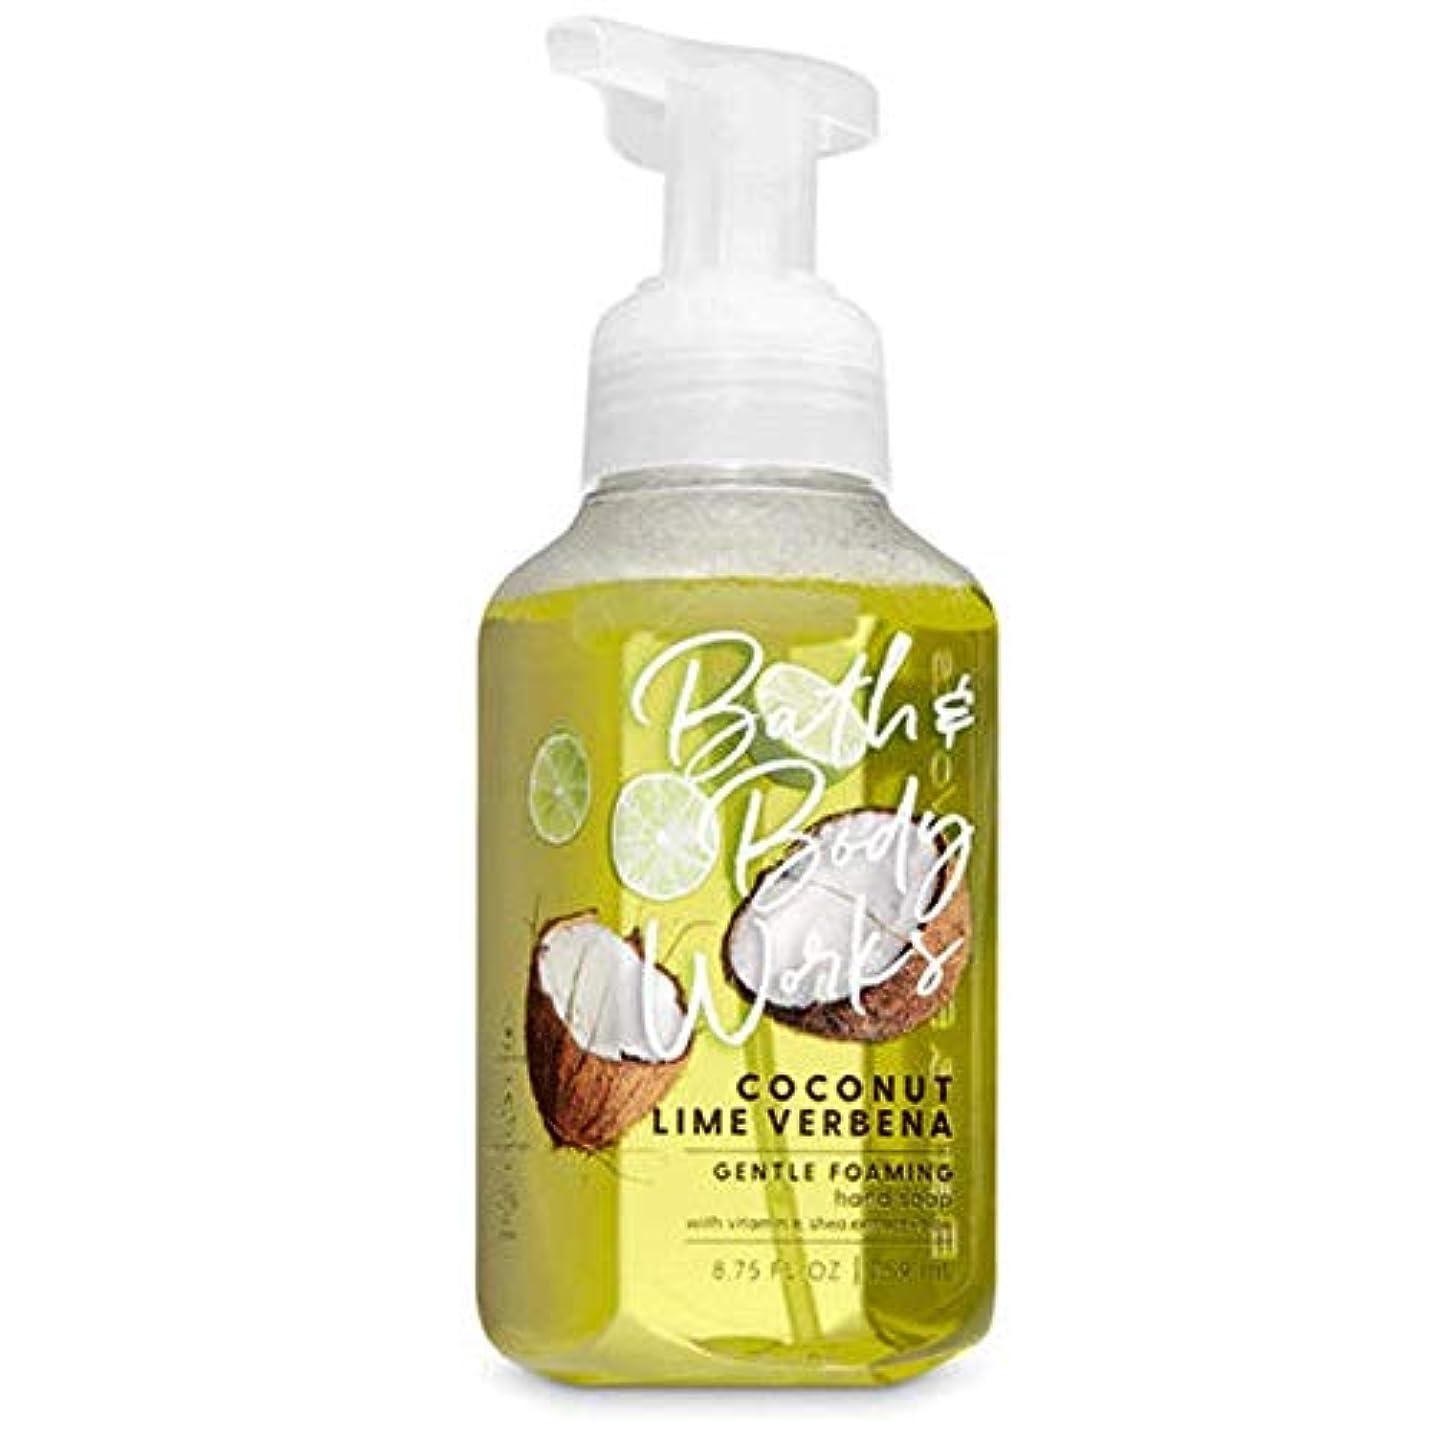 マーチャンダイザー服を洗う夫婦バス&ボディワークス ココナッツライムバーベナ ジェントル フォーミング ハンドソープ Coconut Lime Verbena Gentle Foaming Hand Soap